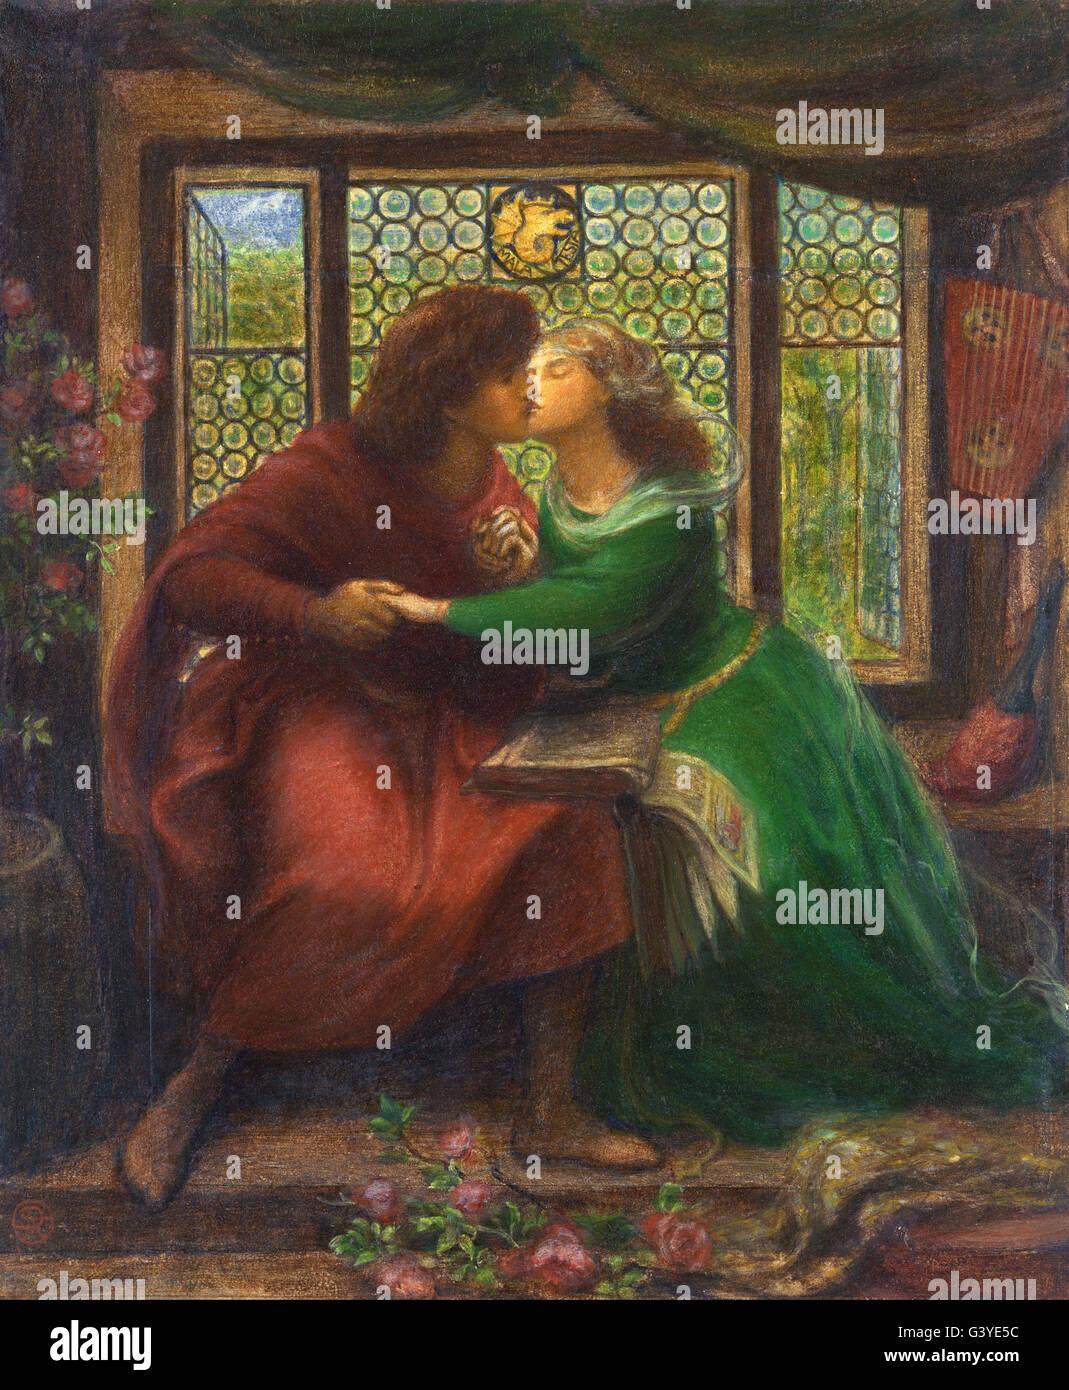 Dante Gabriel Rossetti - Paolo and Francesca da Rimini - Stock Image